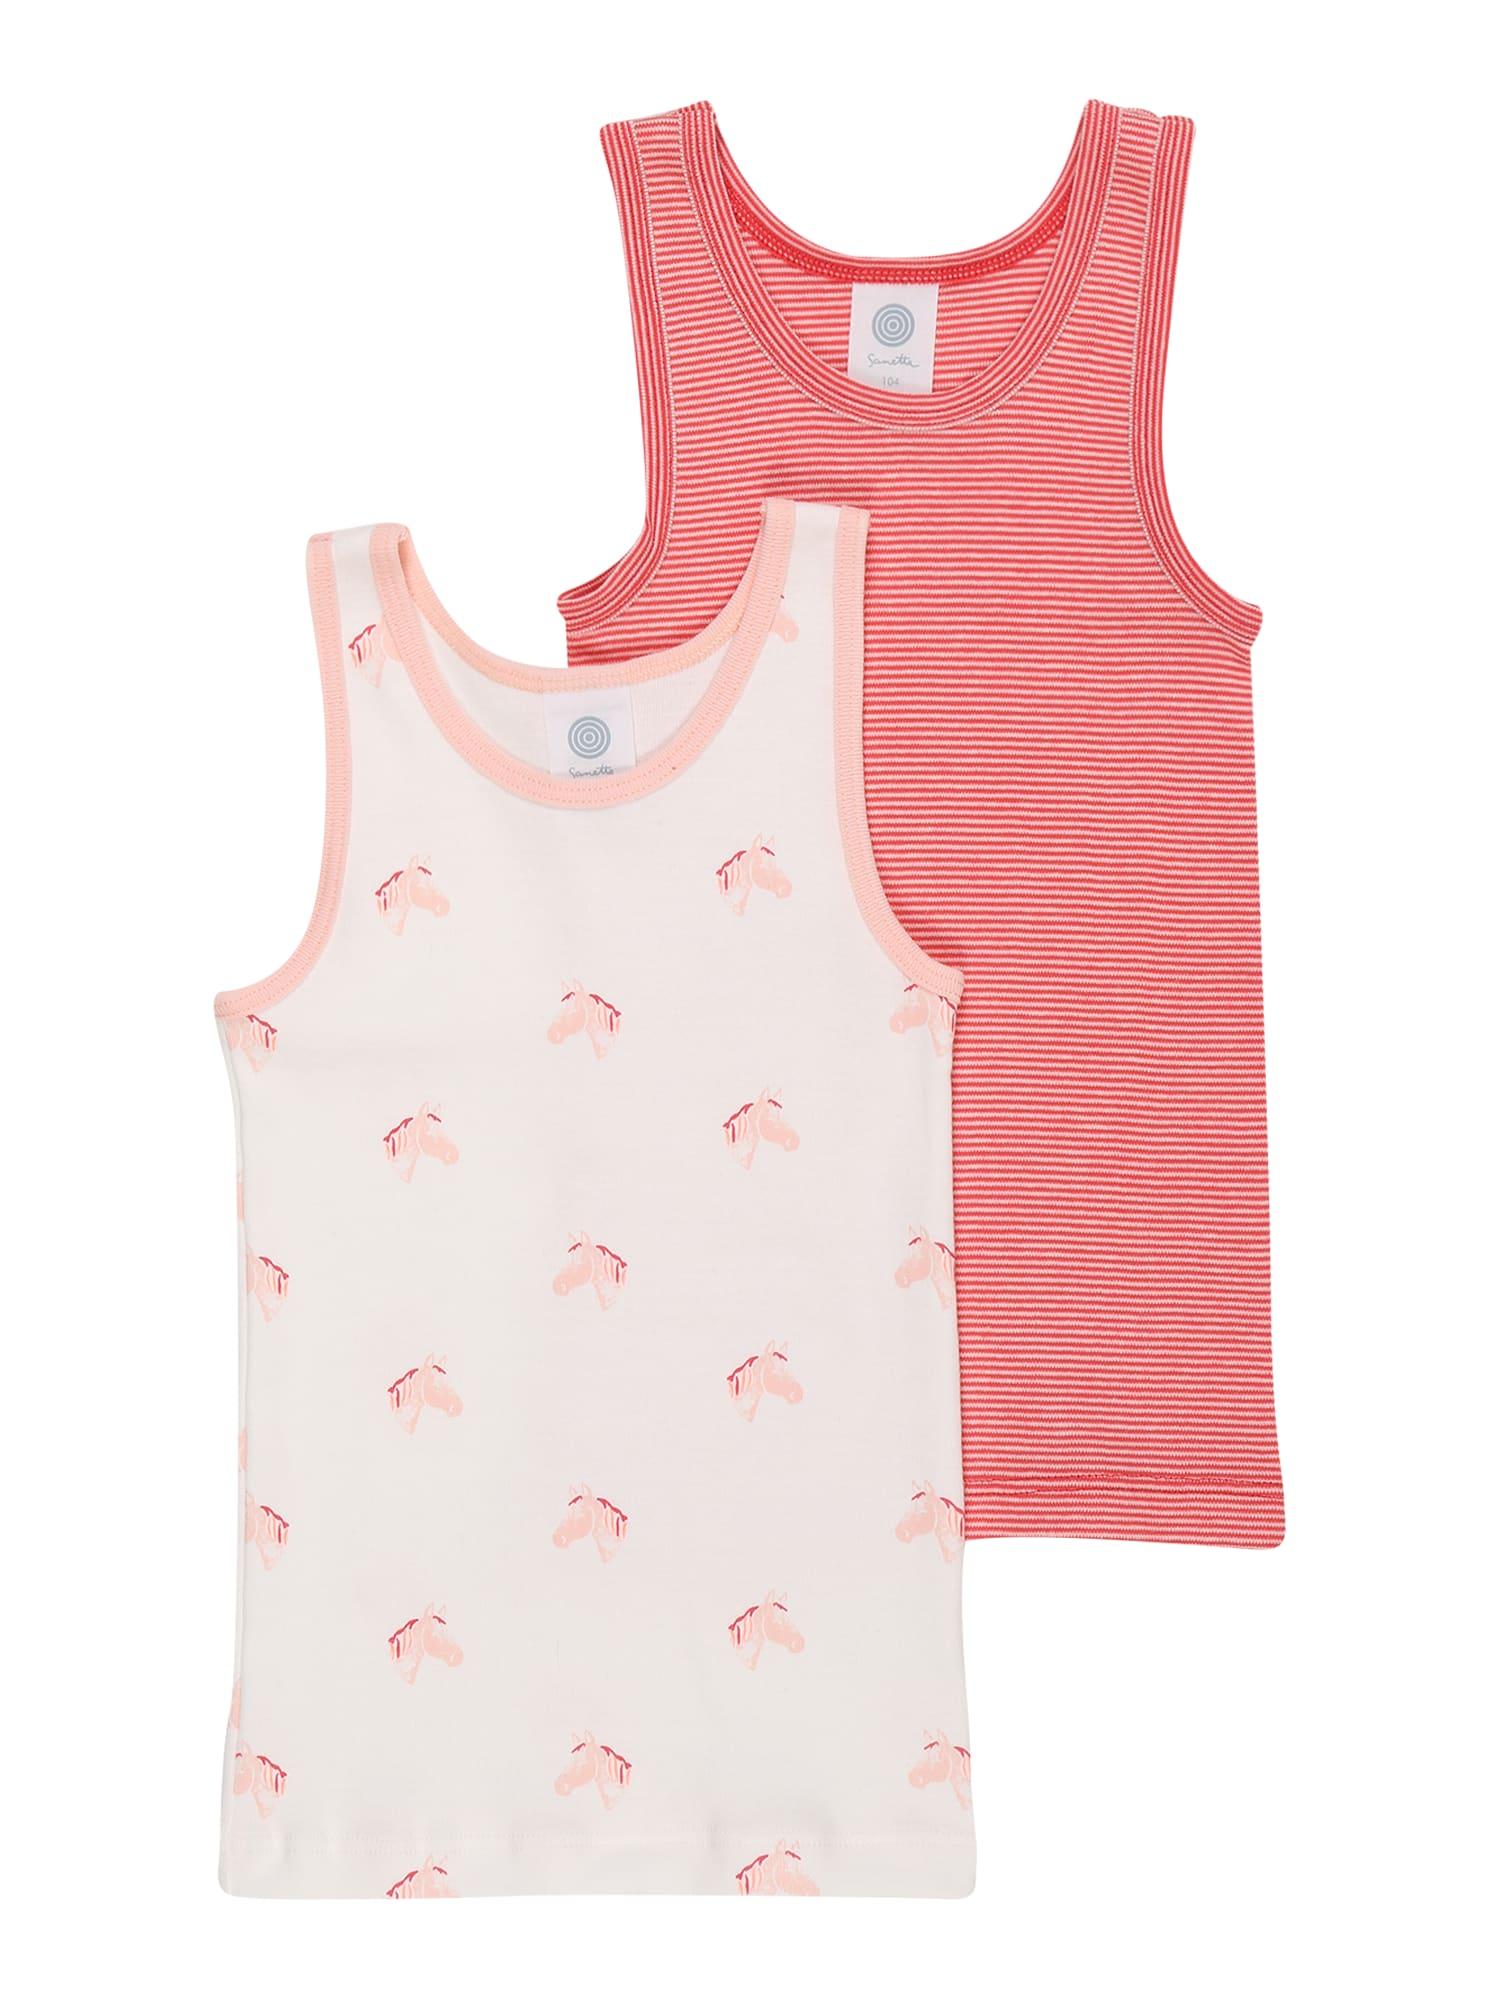 SANETTA Apatiniai marškinėliai raudona / persikų spalva / balta